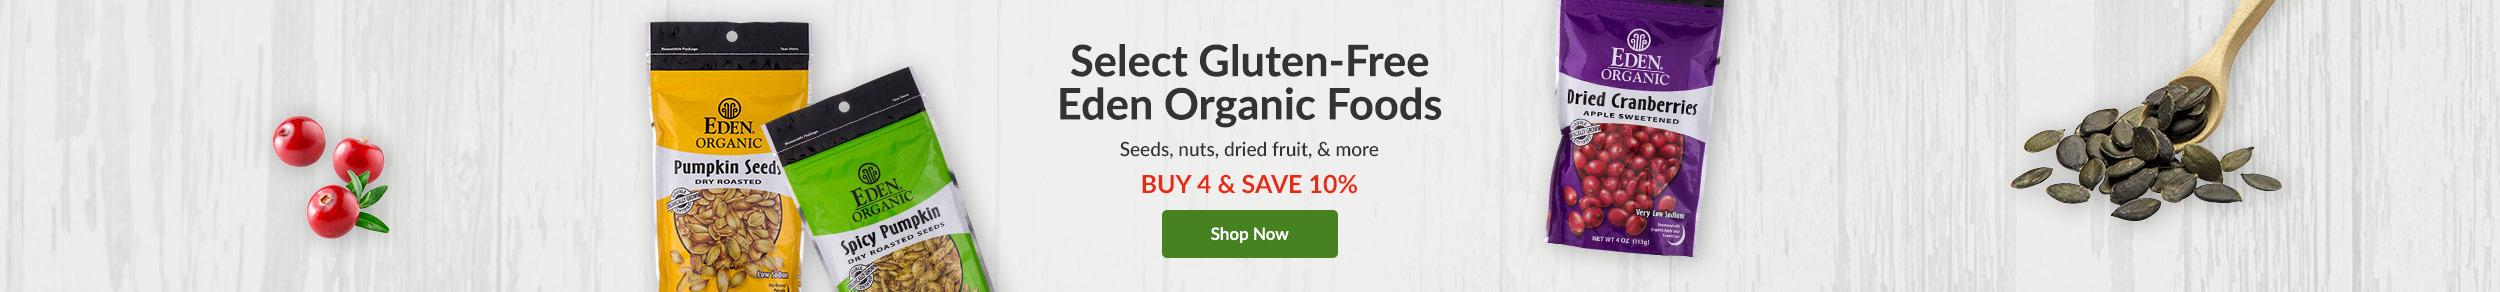 https://i3.pureformulas.net/images/static/Select-Eden-Foods_slide3_062618.jpg